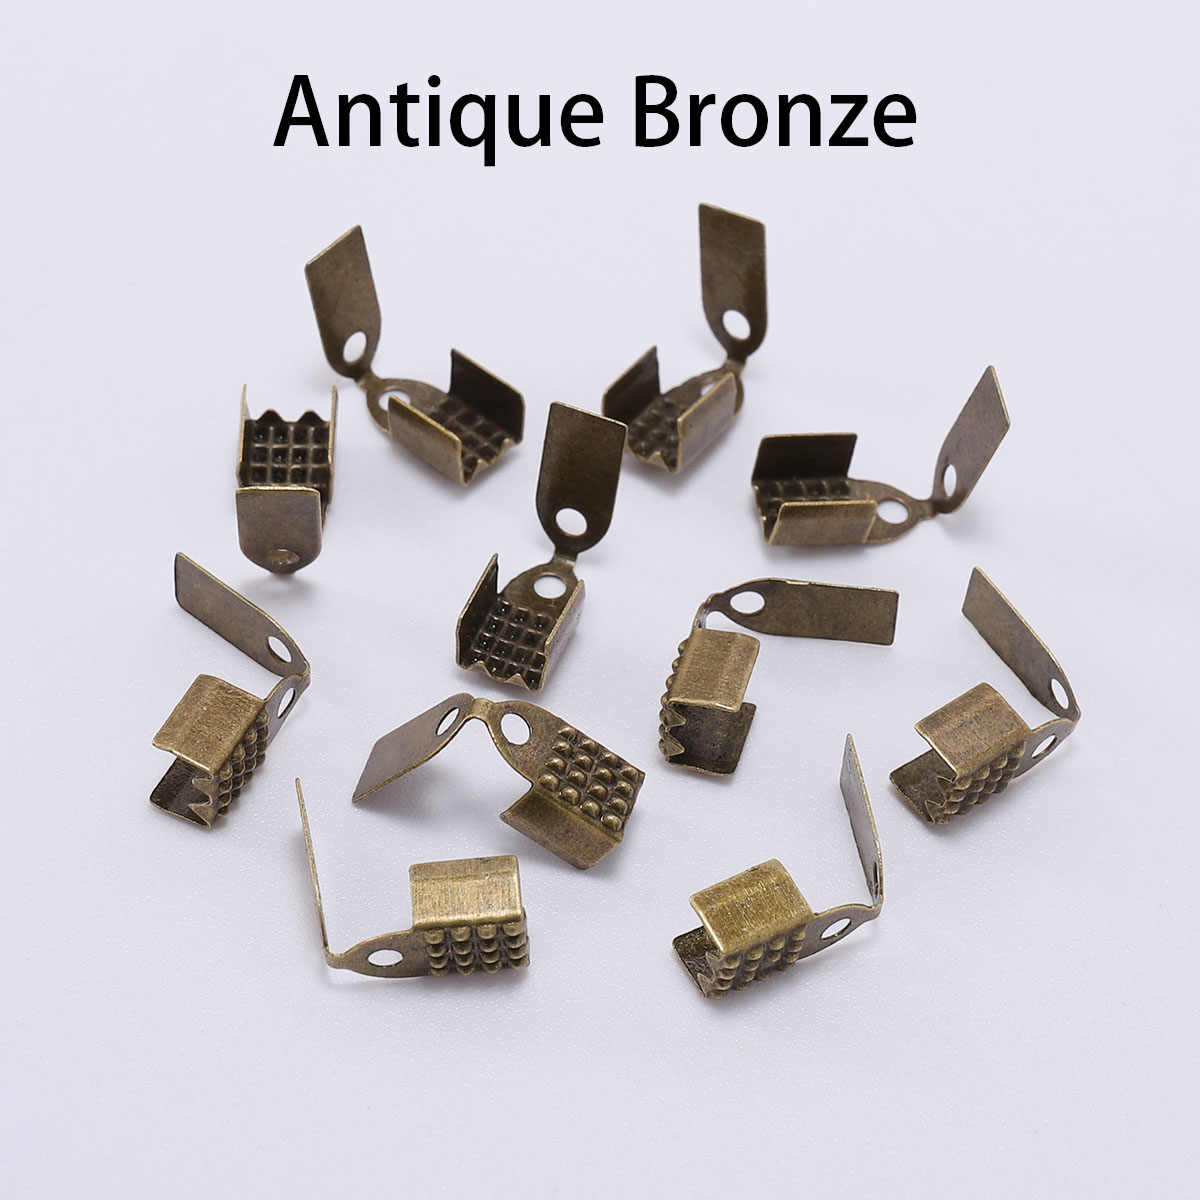 200 pièces or Silve petite pointe d'extrémité de cordon plier sur trois fils fermoir à sertir perle cordon boucle connecteur pour la fabrication de bijoux fournitures bricolage